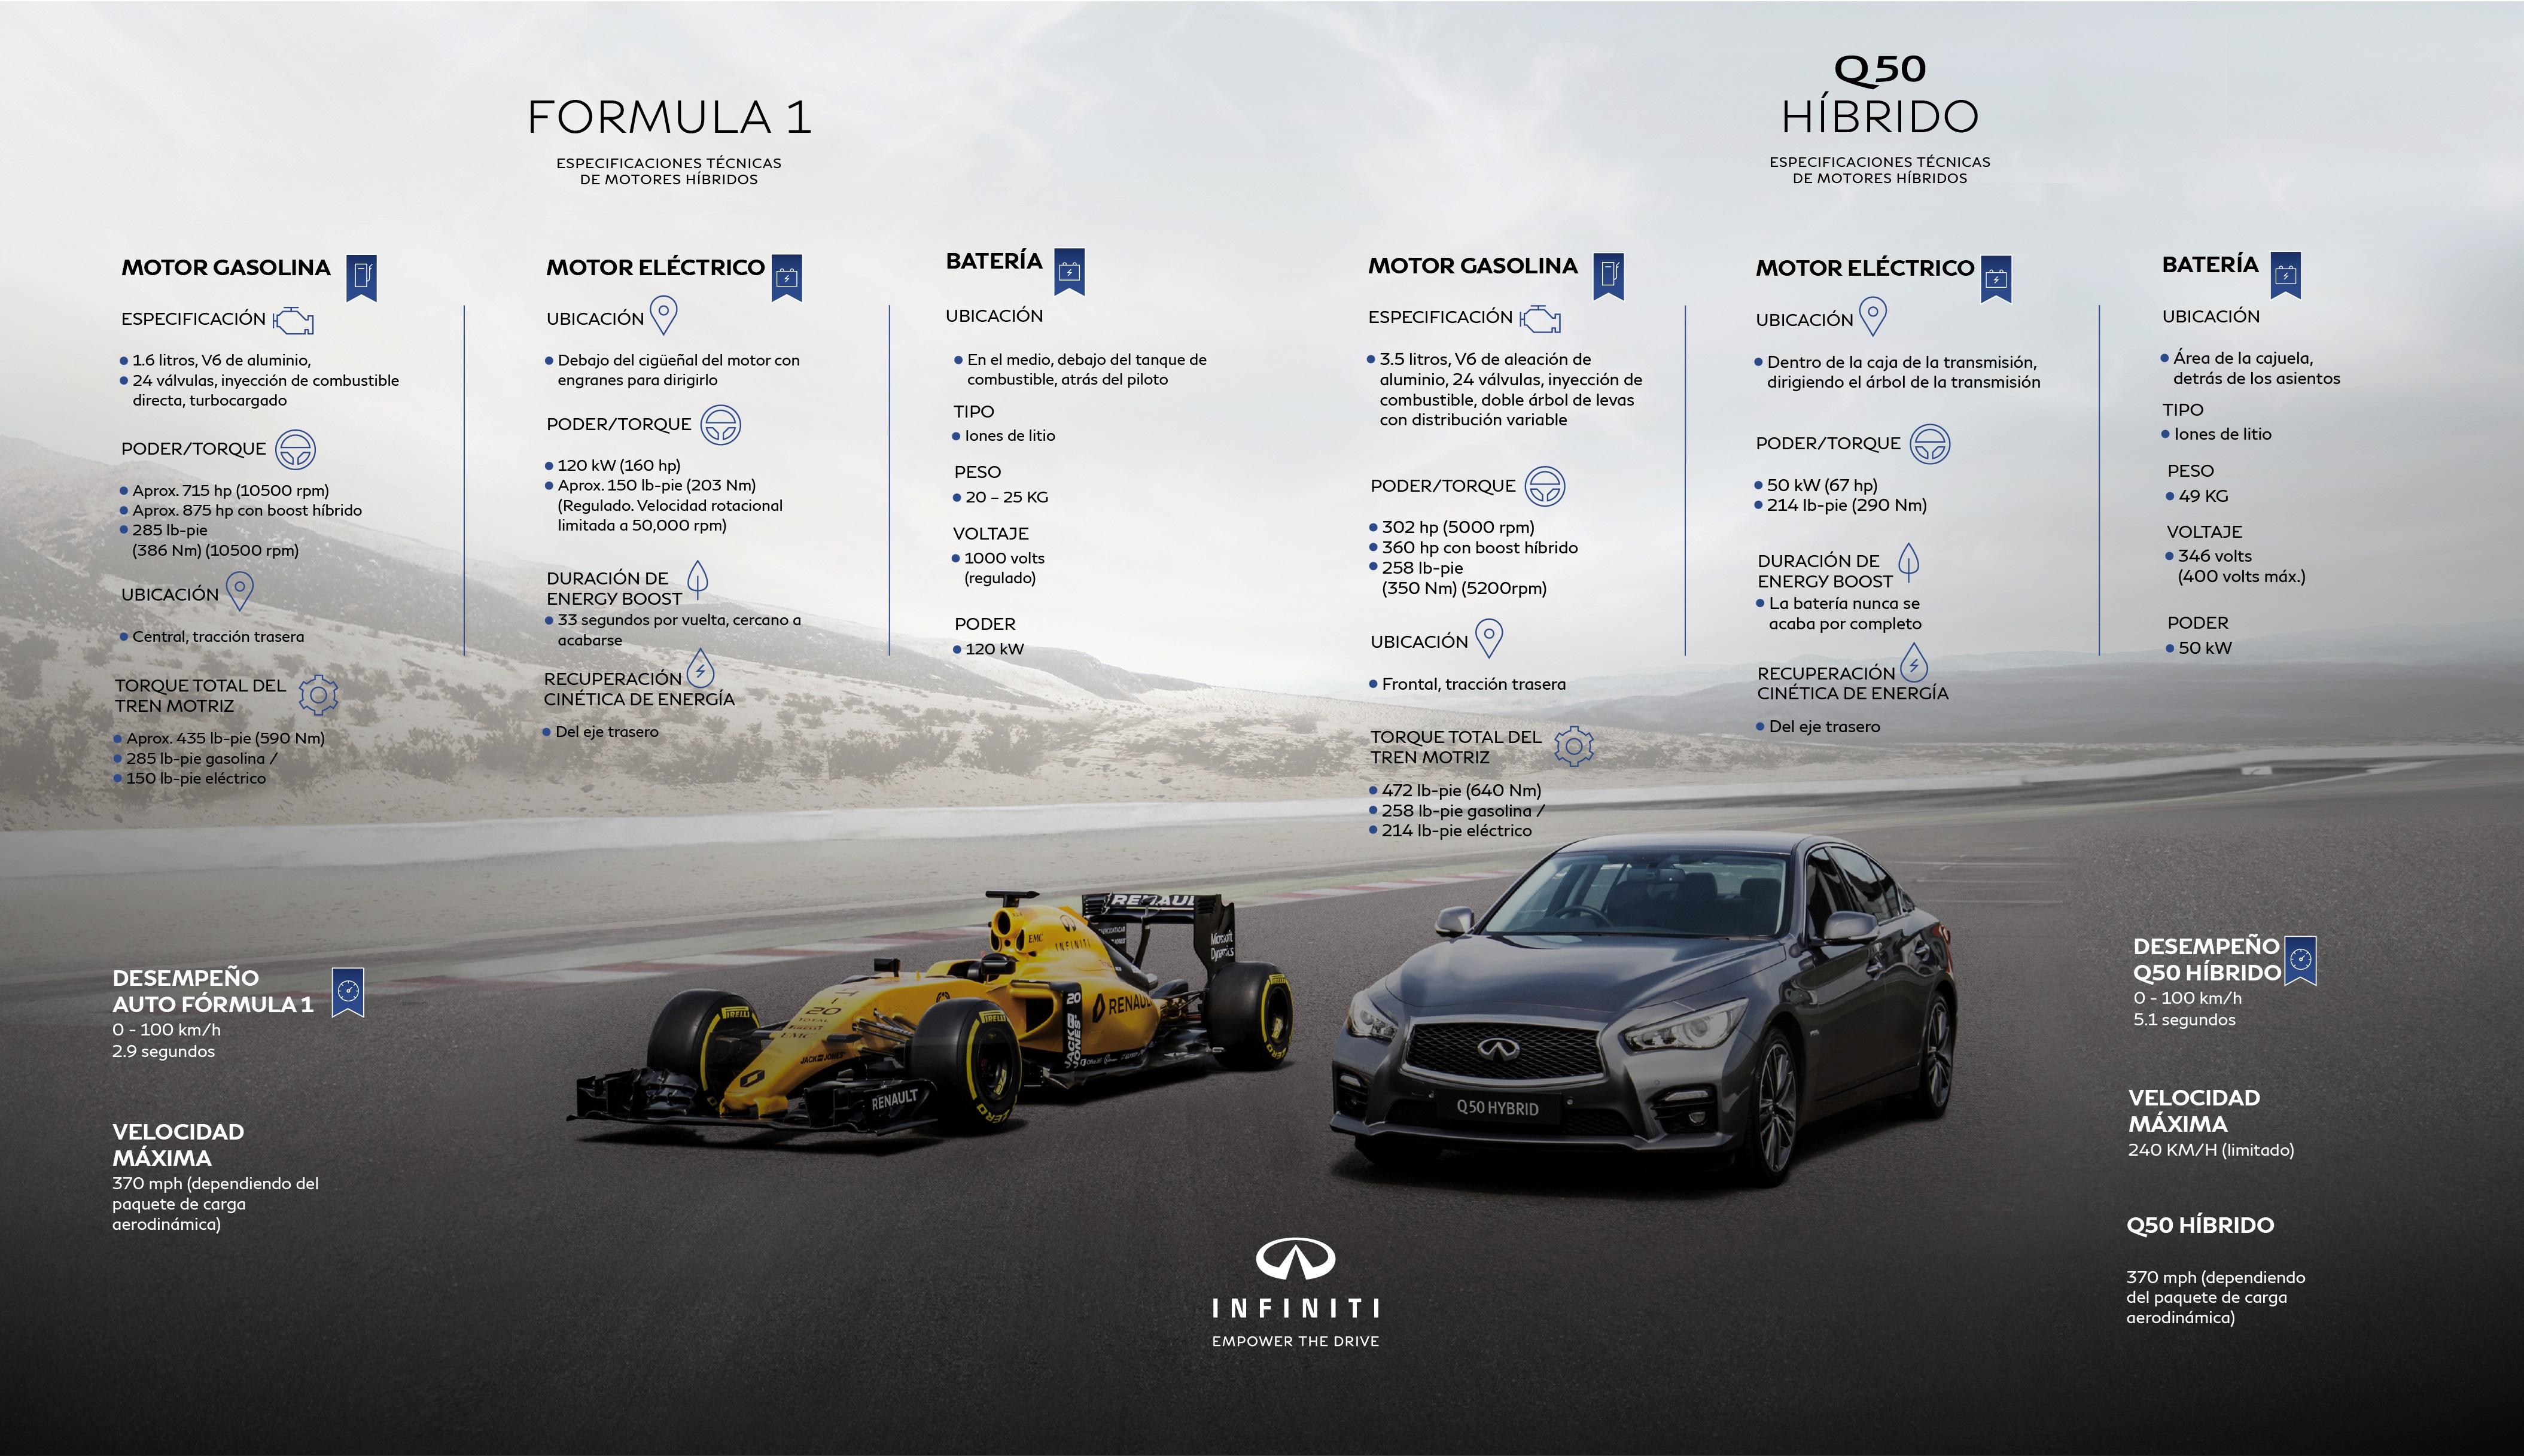 infiniti-q50-y-formula-1